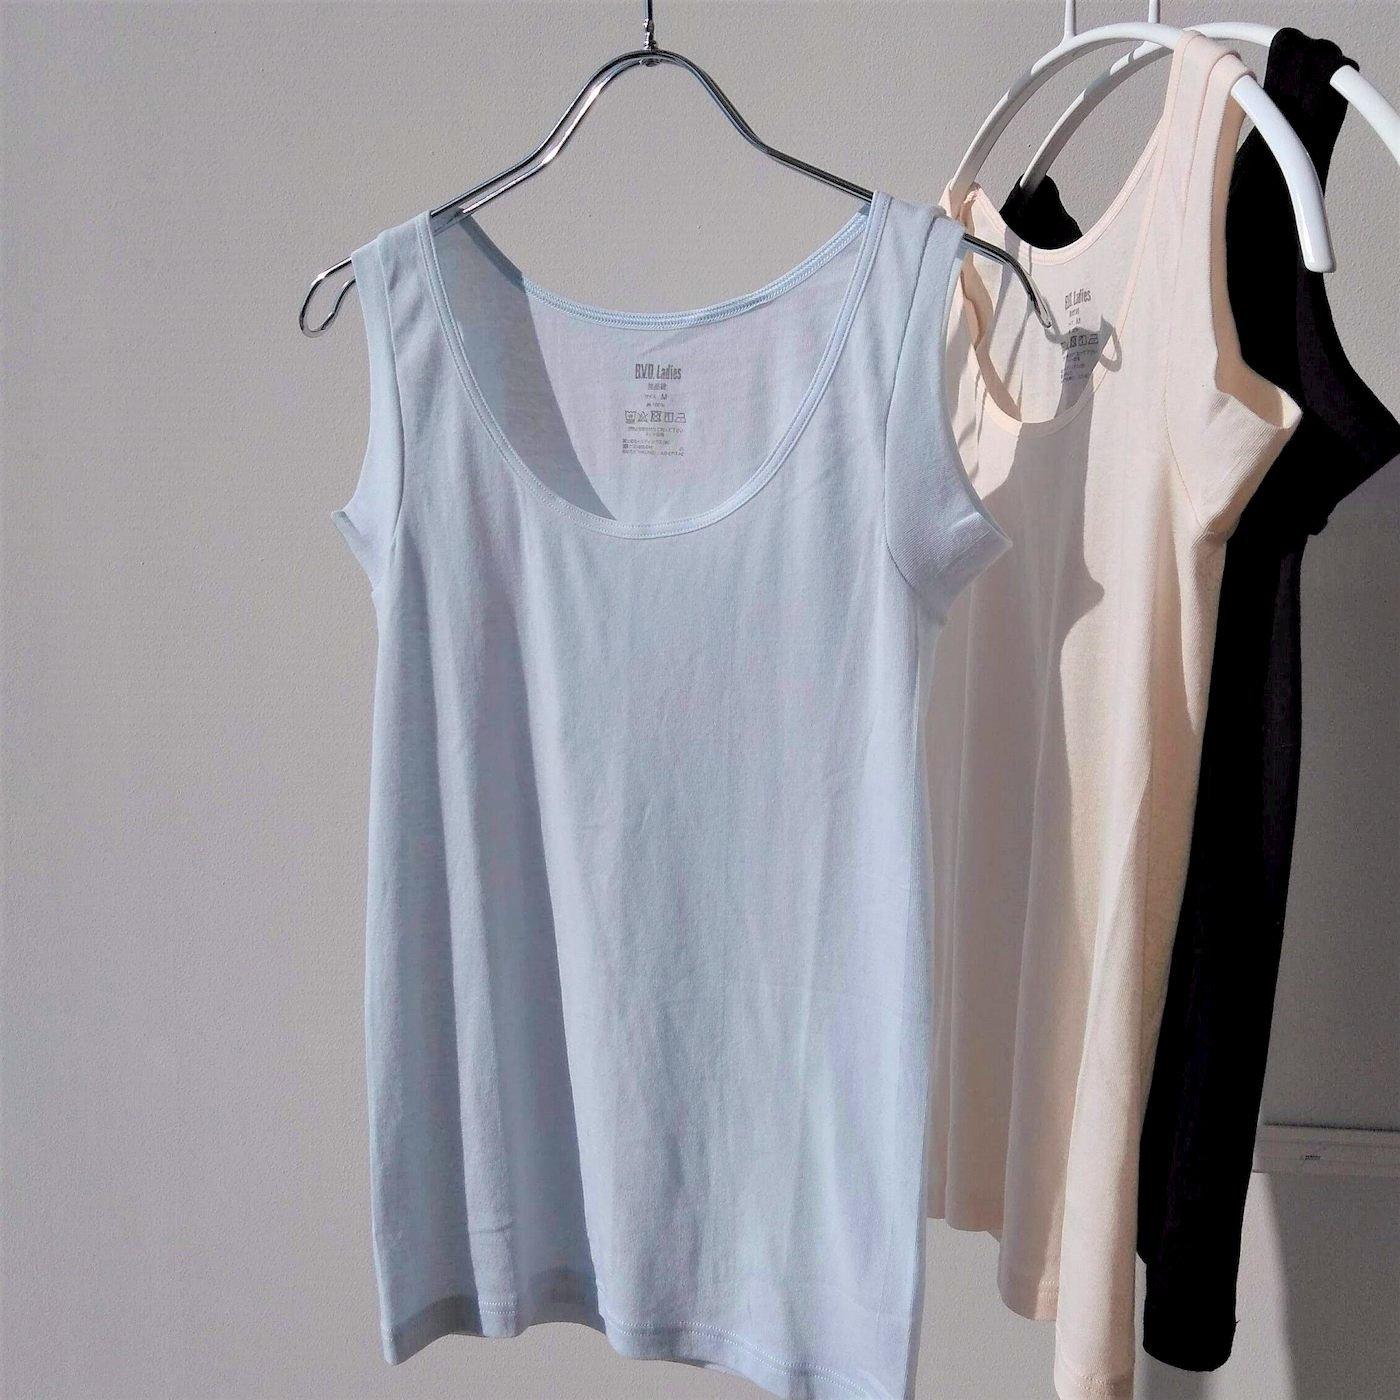 綿100%で吸汗速乾 強撚糸のシャリ感が心地よいタンクトップ〈M~L〉の会